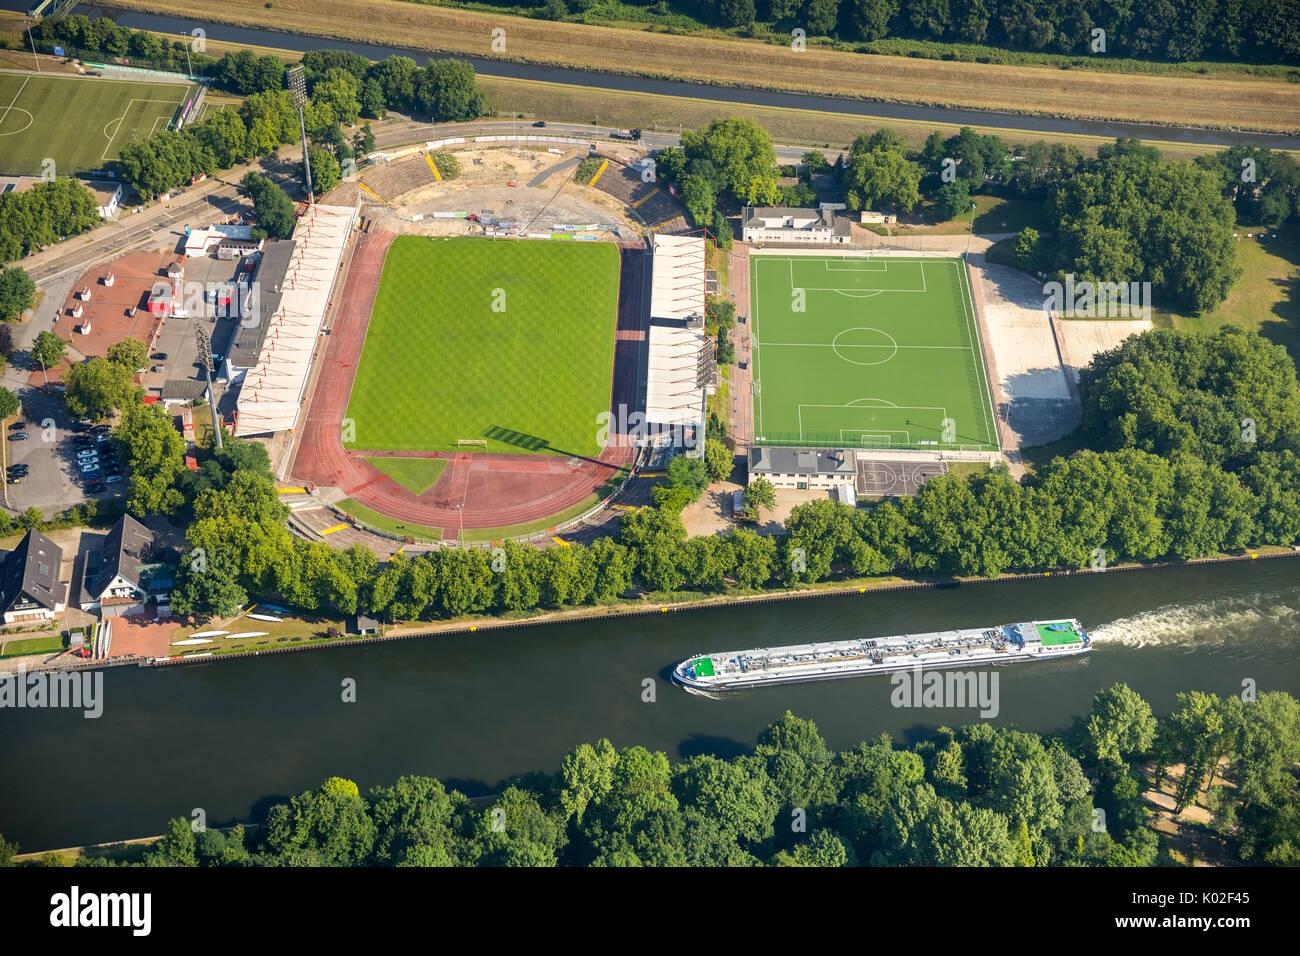 Stadion Niederrhein, nueva grada norte, centro deportivo y de ocio de SSB, zona norte de Emscher Stadiona, Oberhausen, área de Ruhr, Renania del Norte-Westfalia. Imagen De Stock